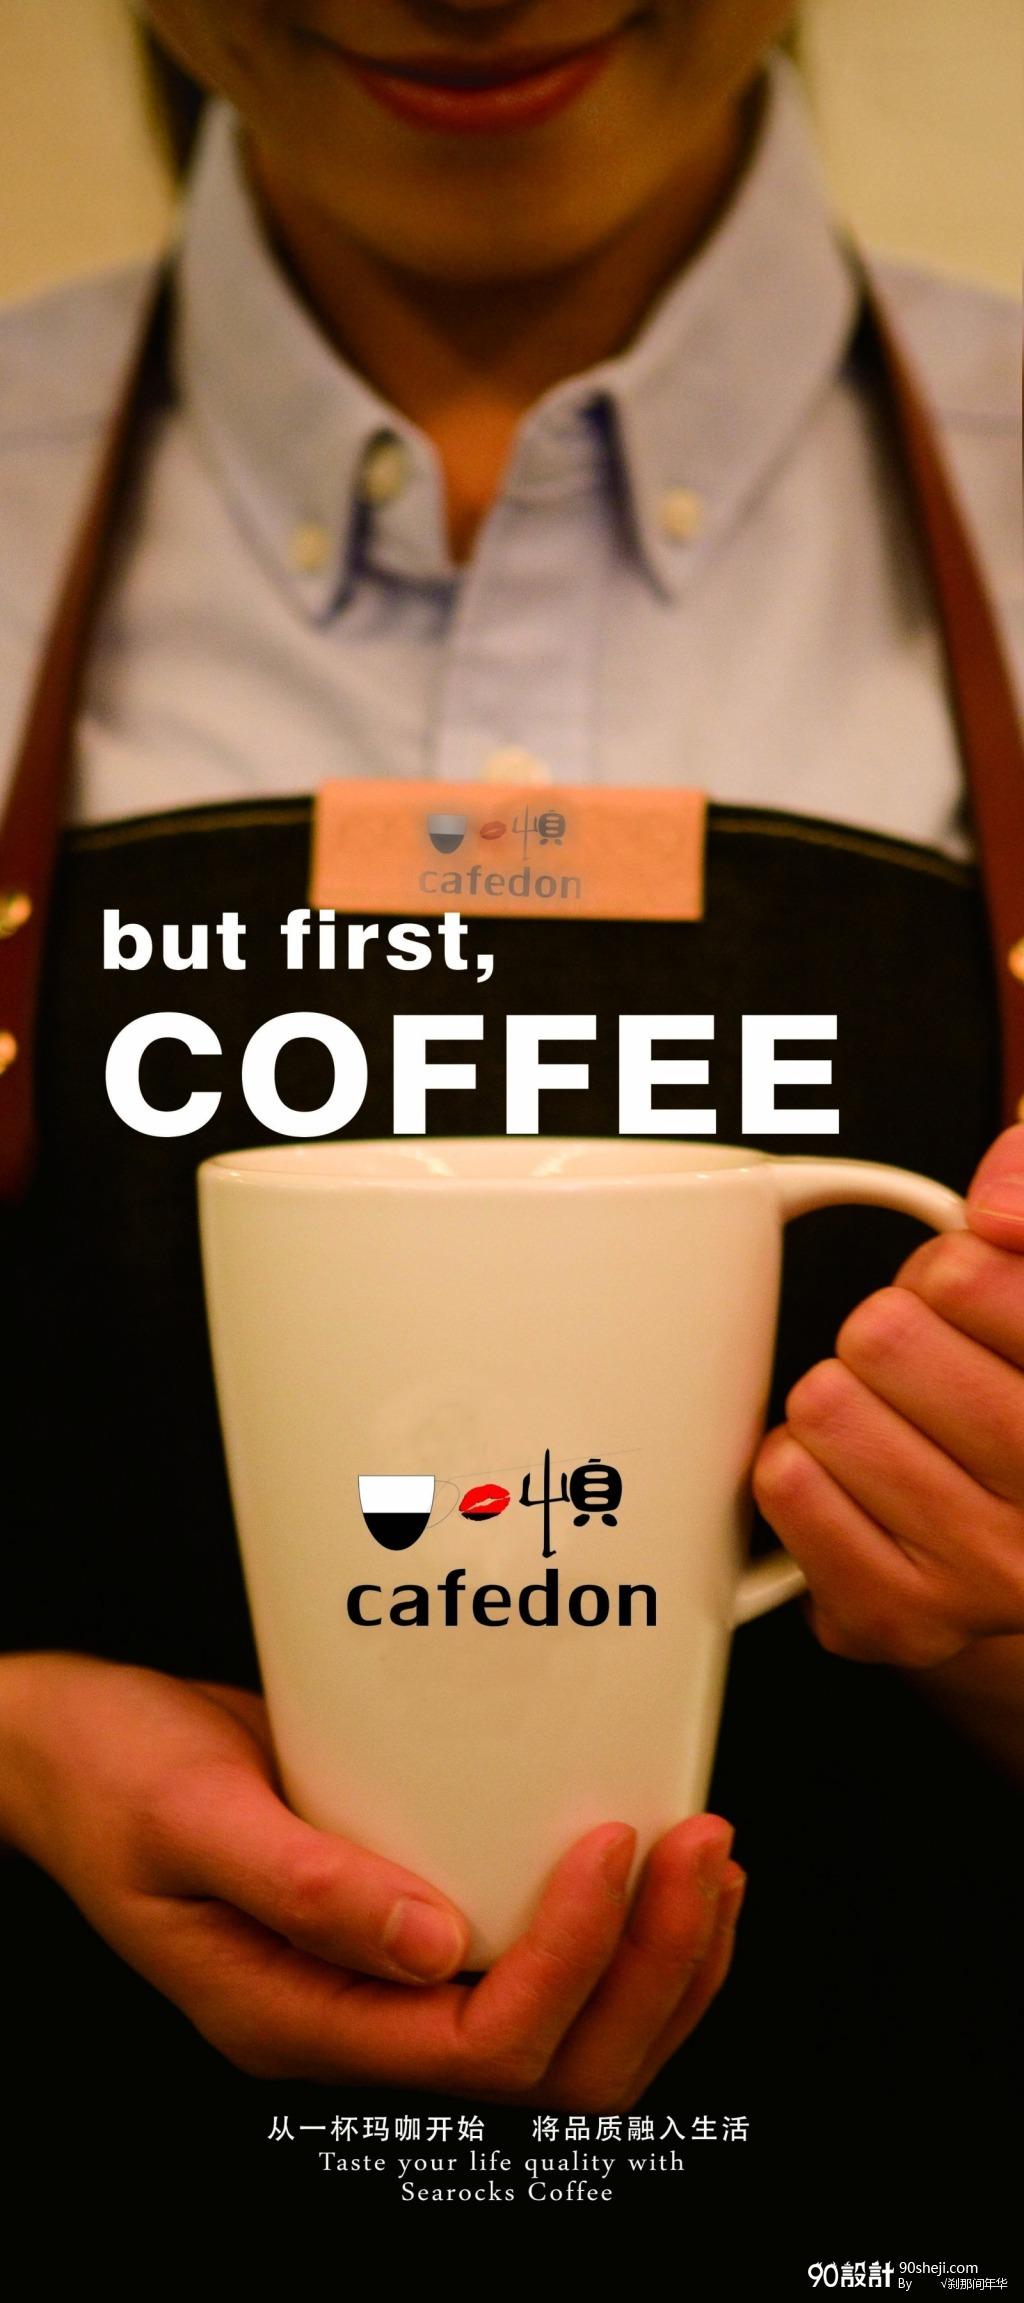 咖啡_海报设计_90设计90sheji.com